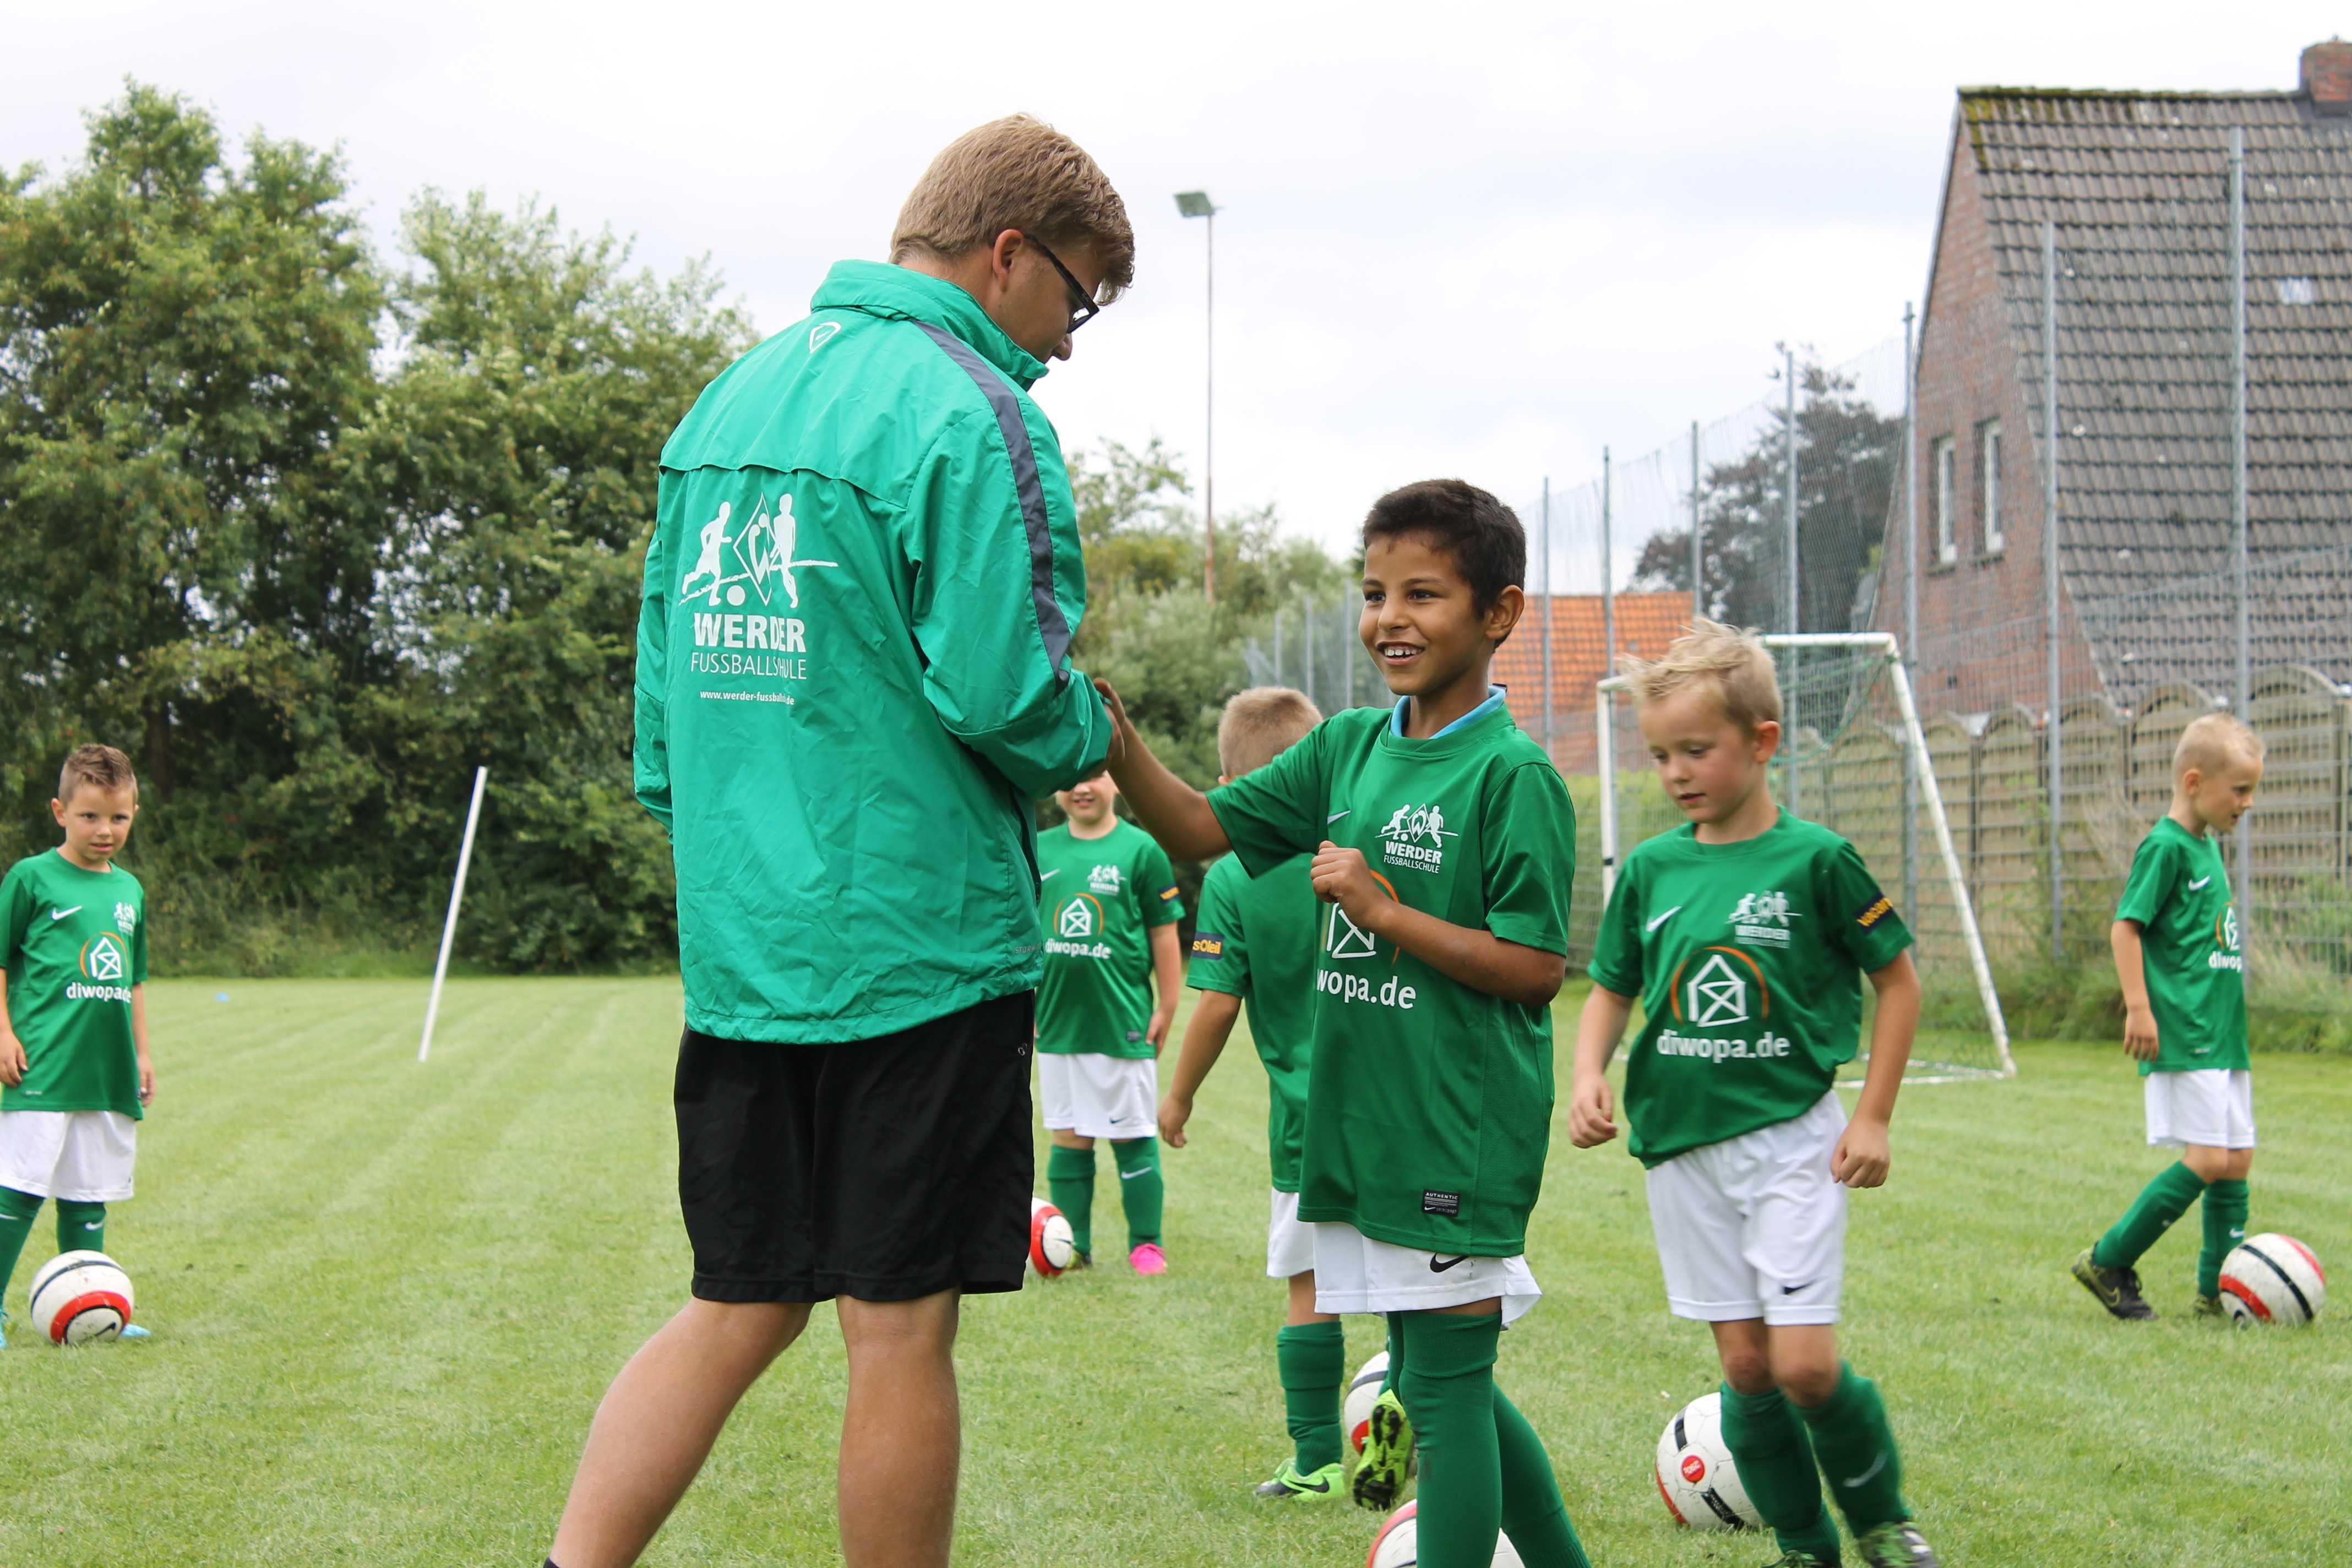 2016-08-12 Werder CAMPontour - Freitag (25)